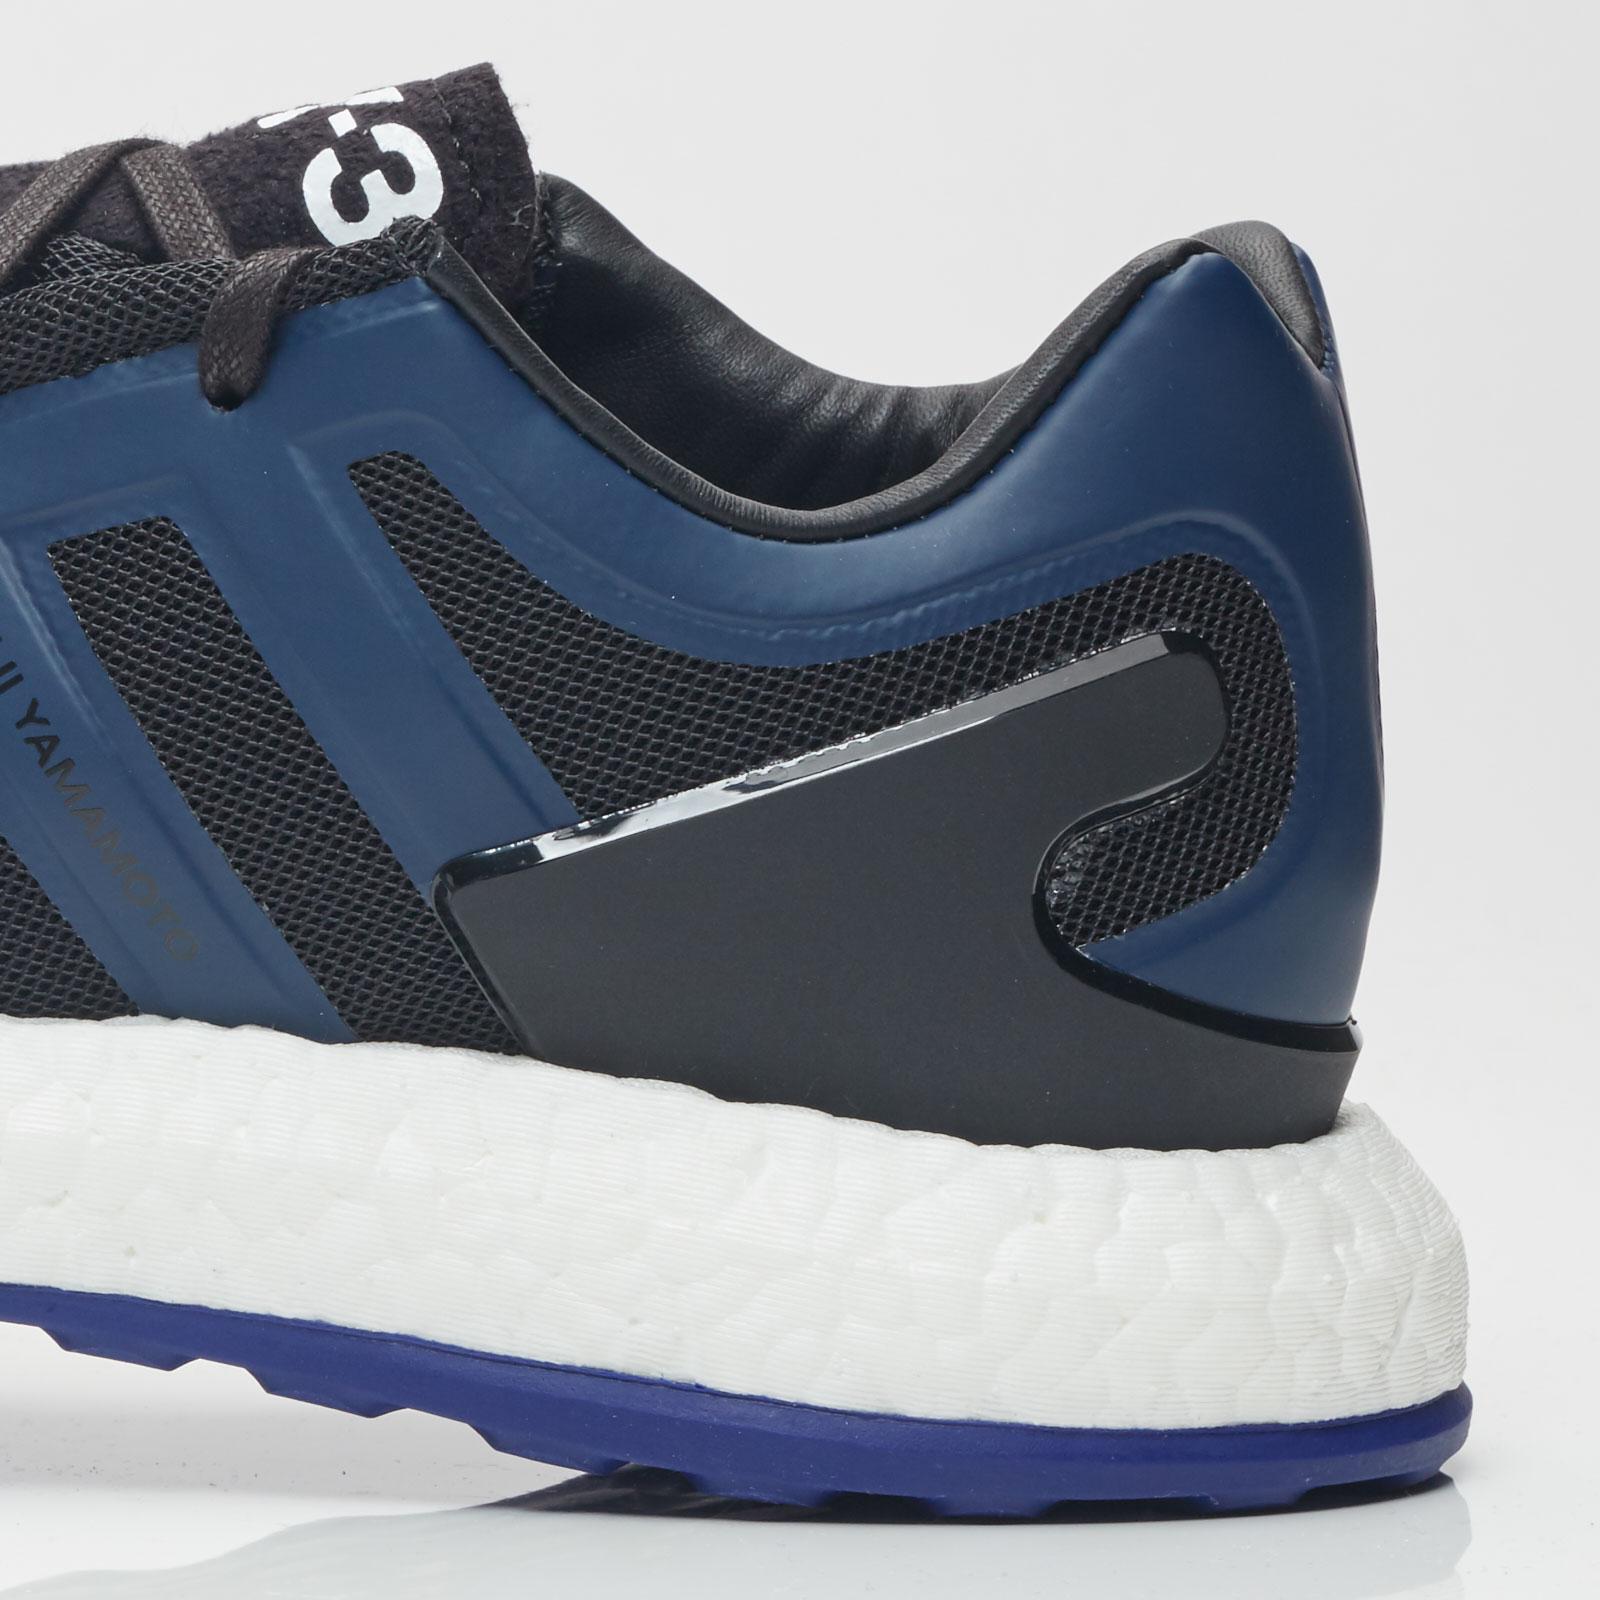 finest selection 03f98 f0761 ... adidas Y-3 Pureboost